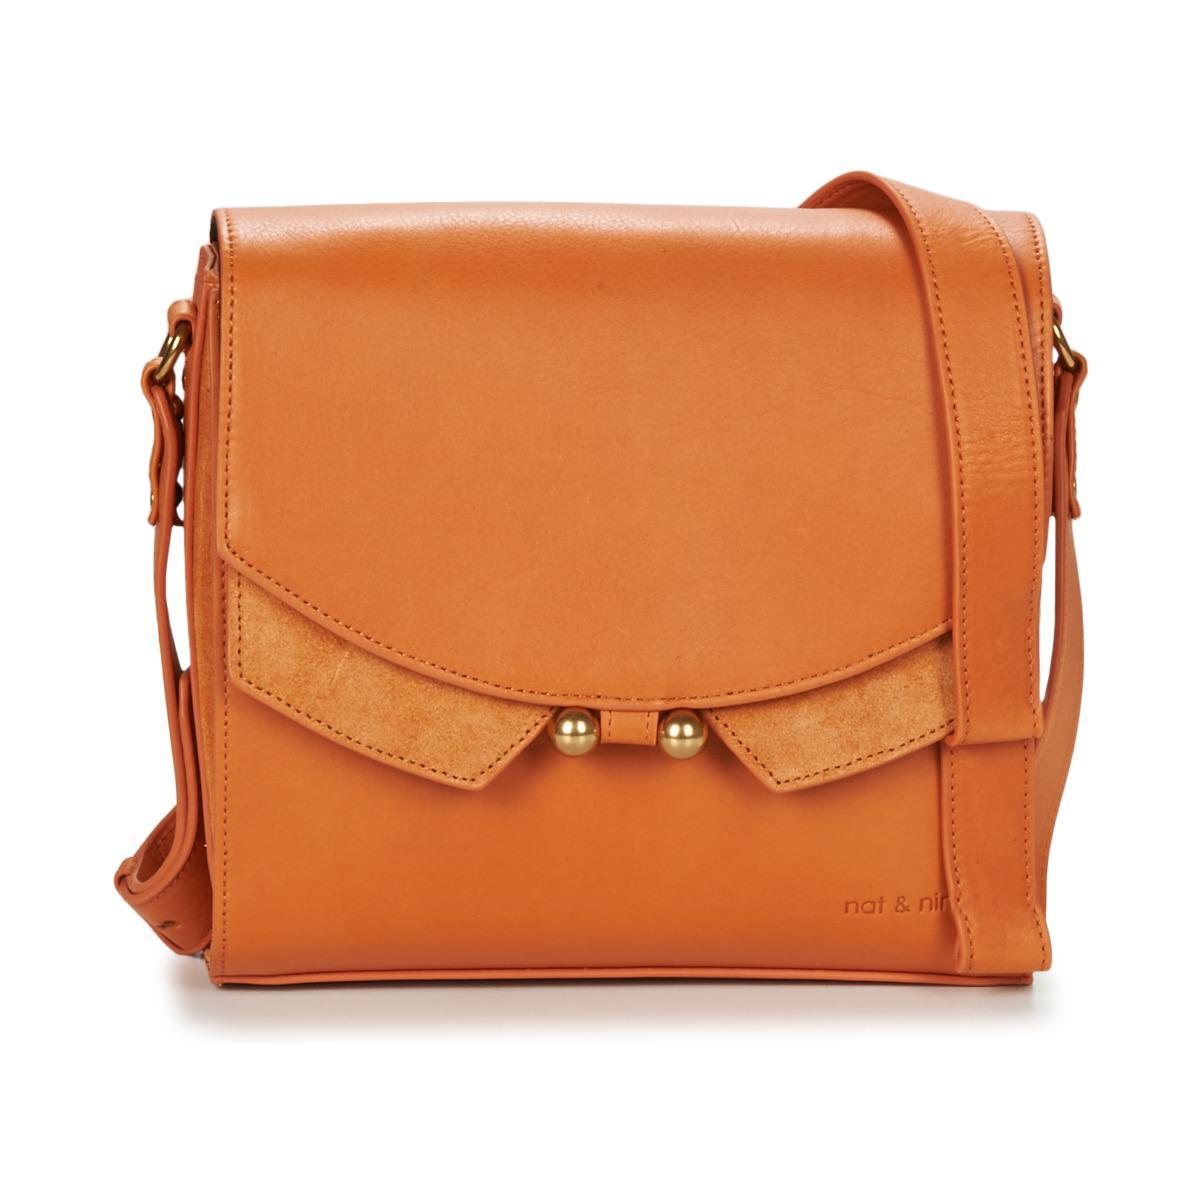 23448dba226f Nat et nin Carmen Women s Shoulder Bag In Orange in Orange